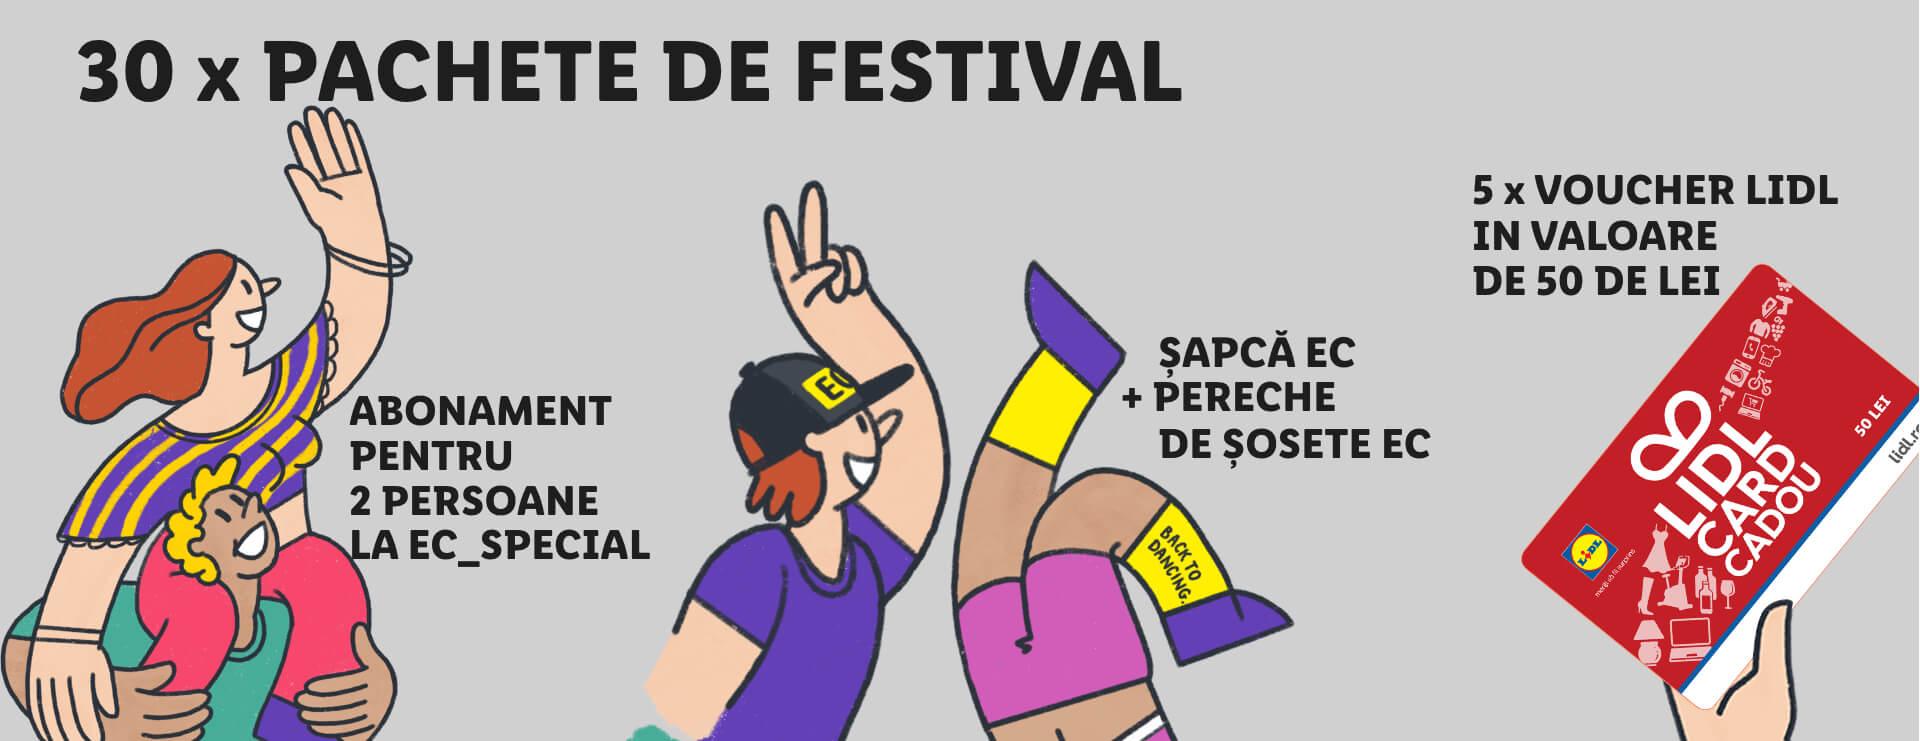 30 x pachete de festival, abonament pentru 2 persoane la EC_Special, șapcă EC + pereche de șosete EC, 5 x voucher Lidl în valoare de 50 de lei